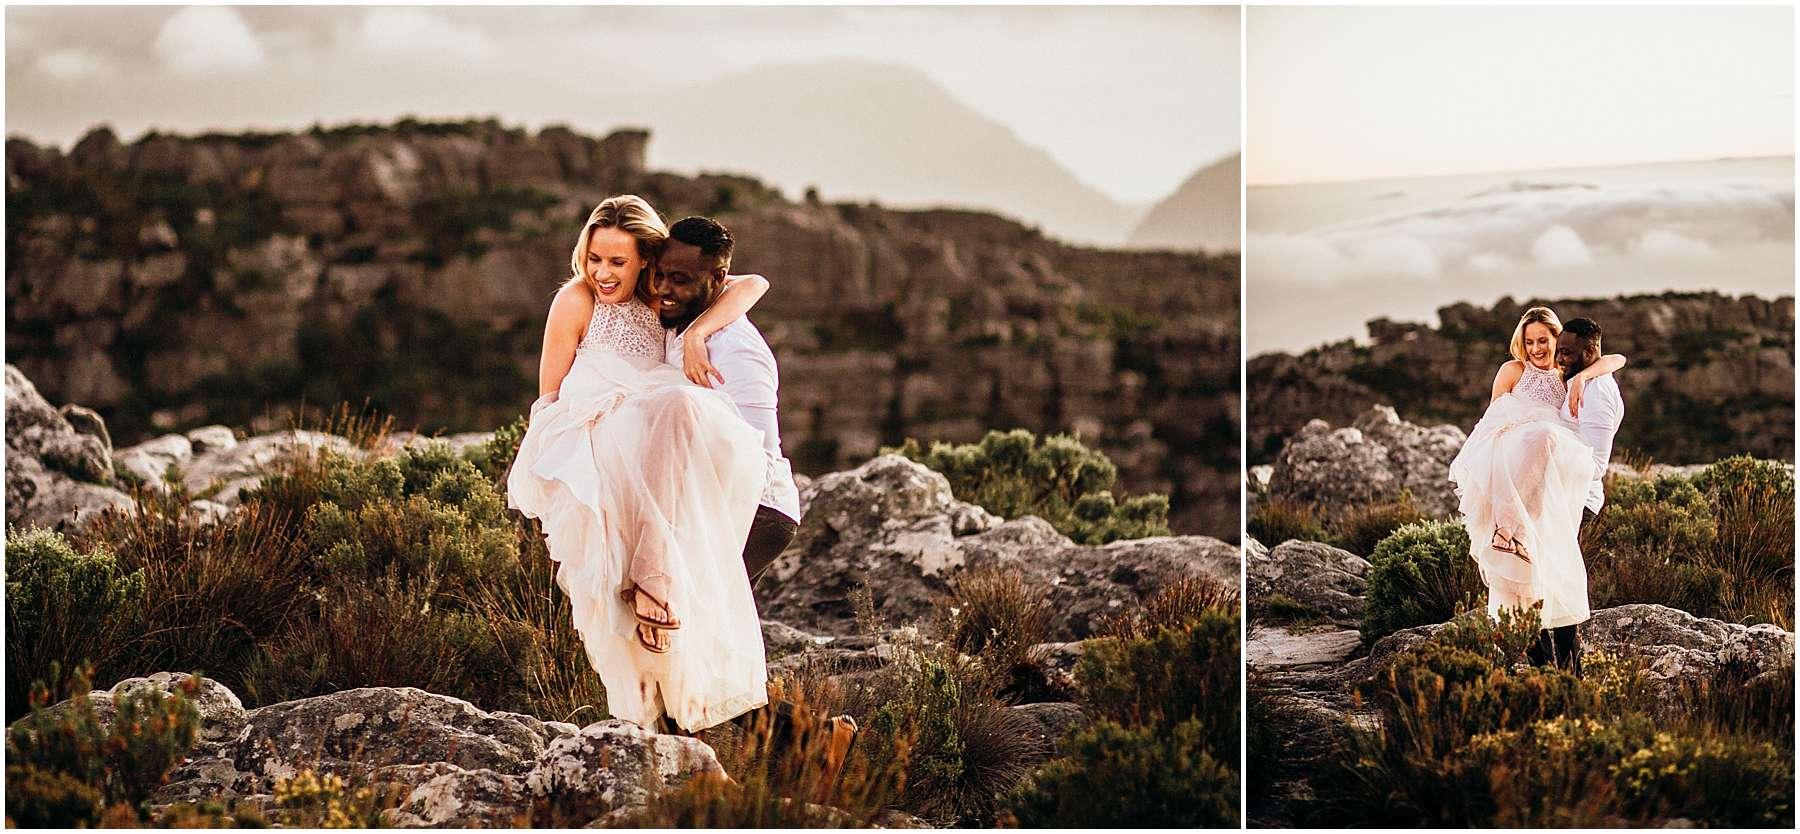 LOTTYH-South-Africa-Elopement-Photographer_0038.jpg